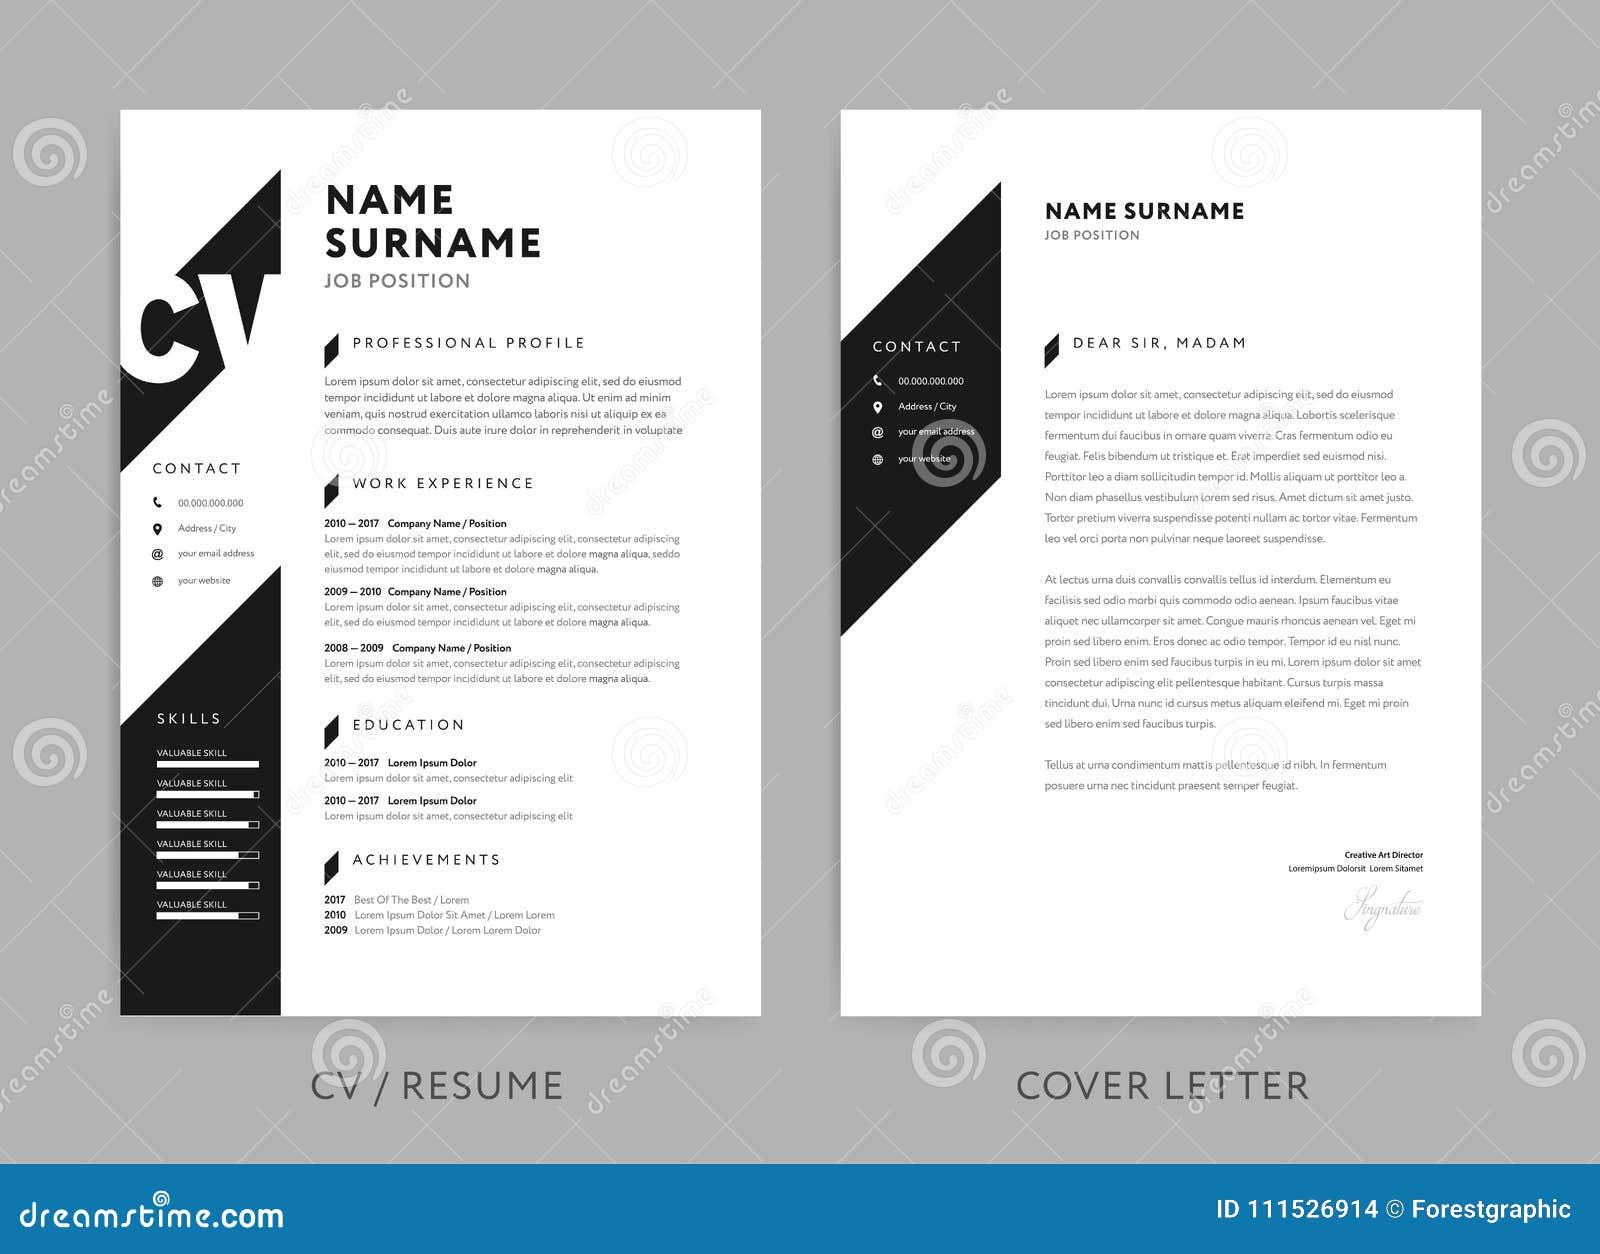 Minimalist Lebenslauf/Zusammenfassung und Anschreiben - minimales Design - Schwarzweiss-Hintergrundvektor